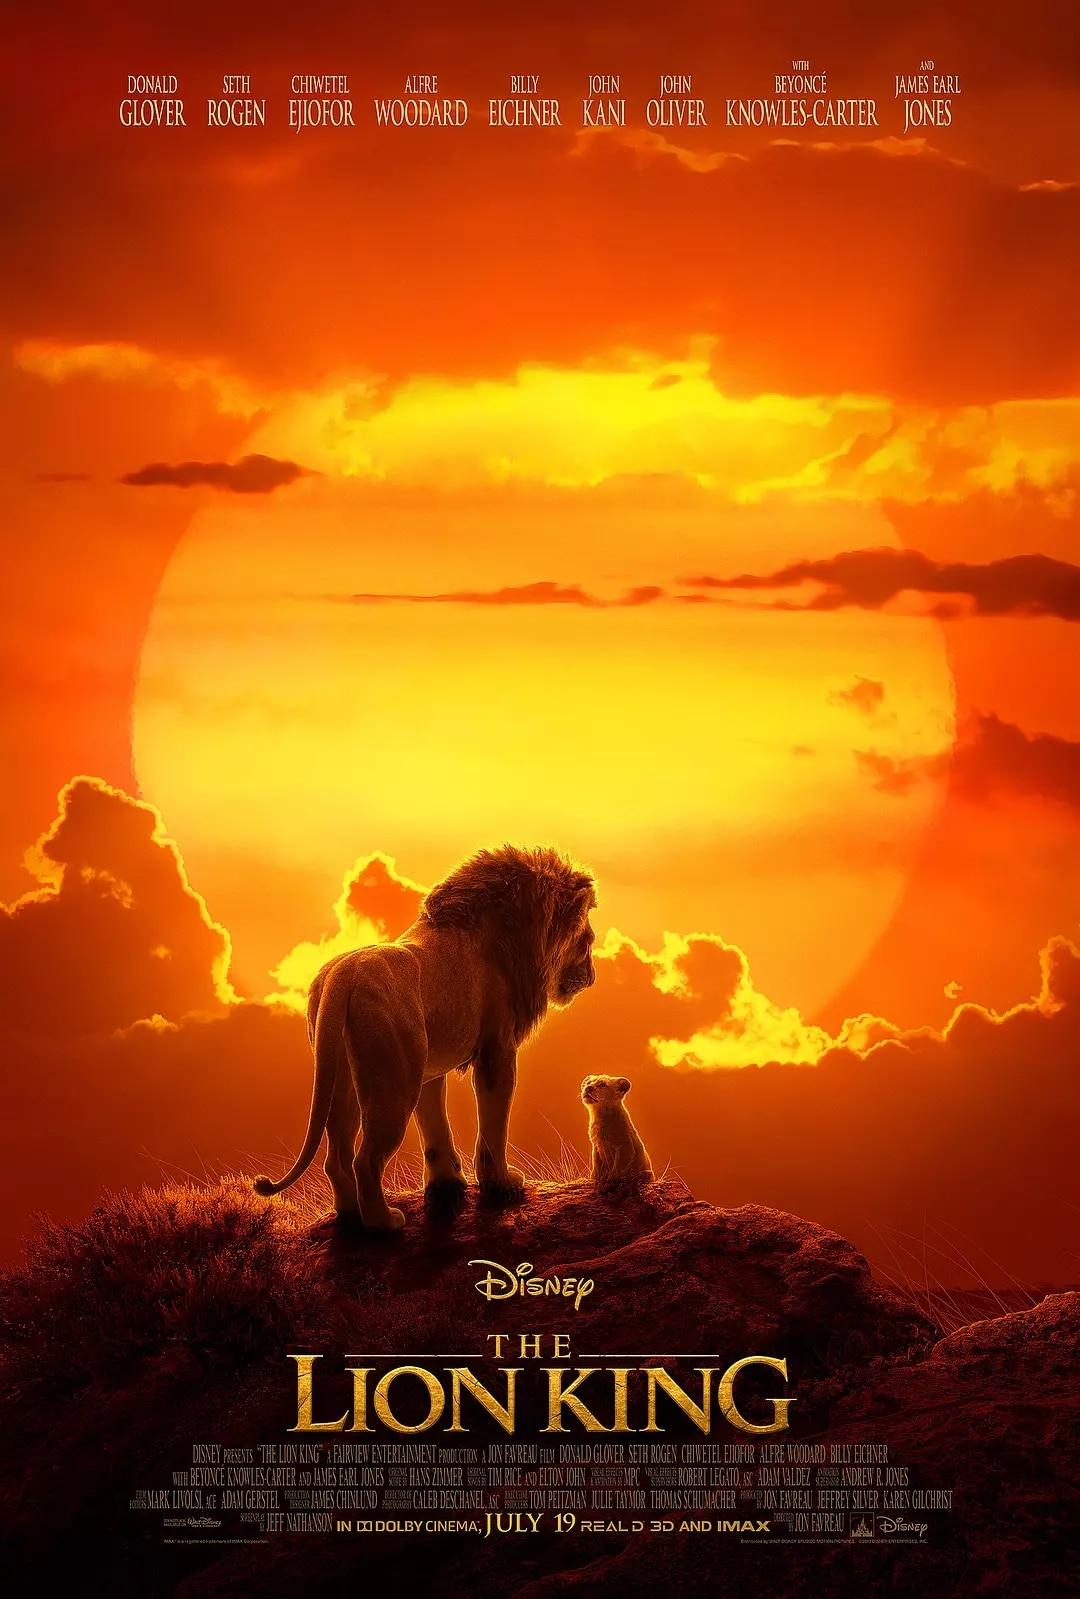 狮子王 [其实跟老版比画面没什么意义,画面呈现都不是同一个了,就把它当另外部电影看就好啦,这几年流行把旧动画IP翻拍呀]